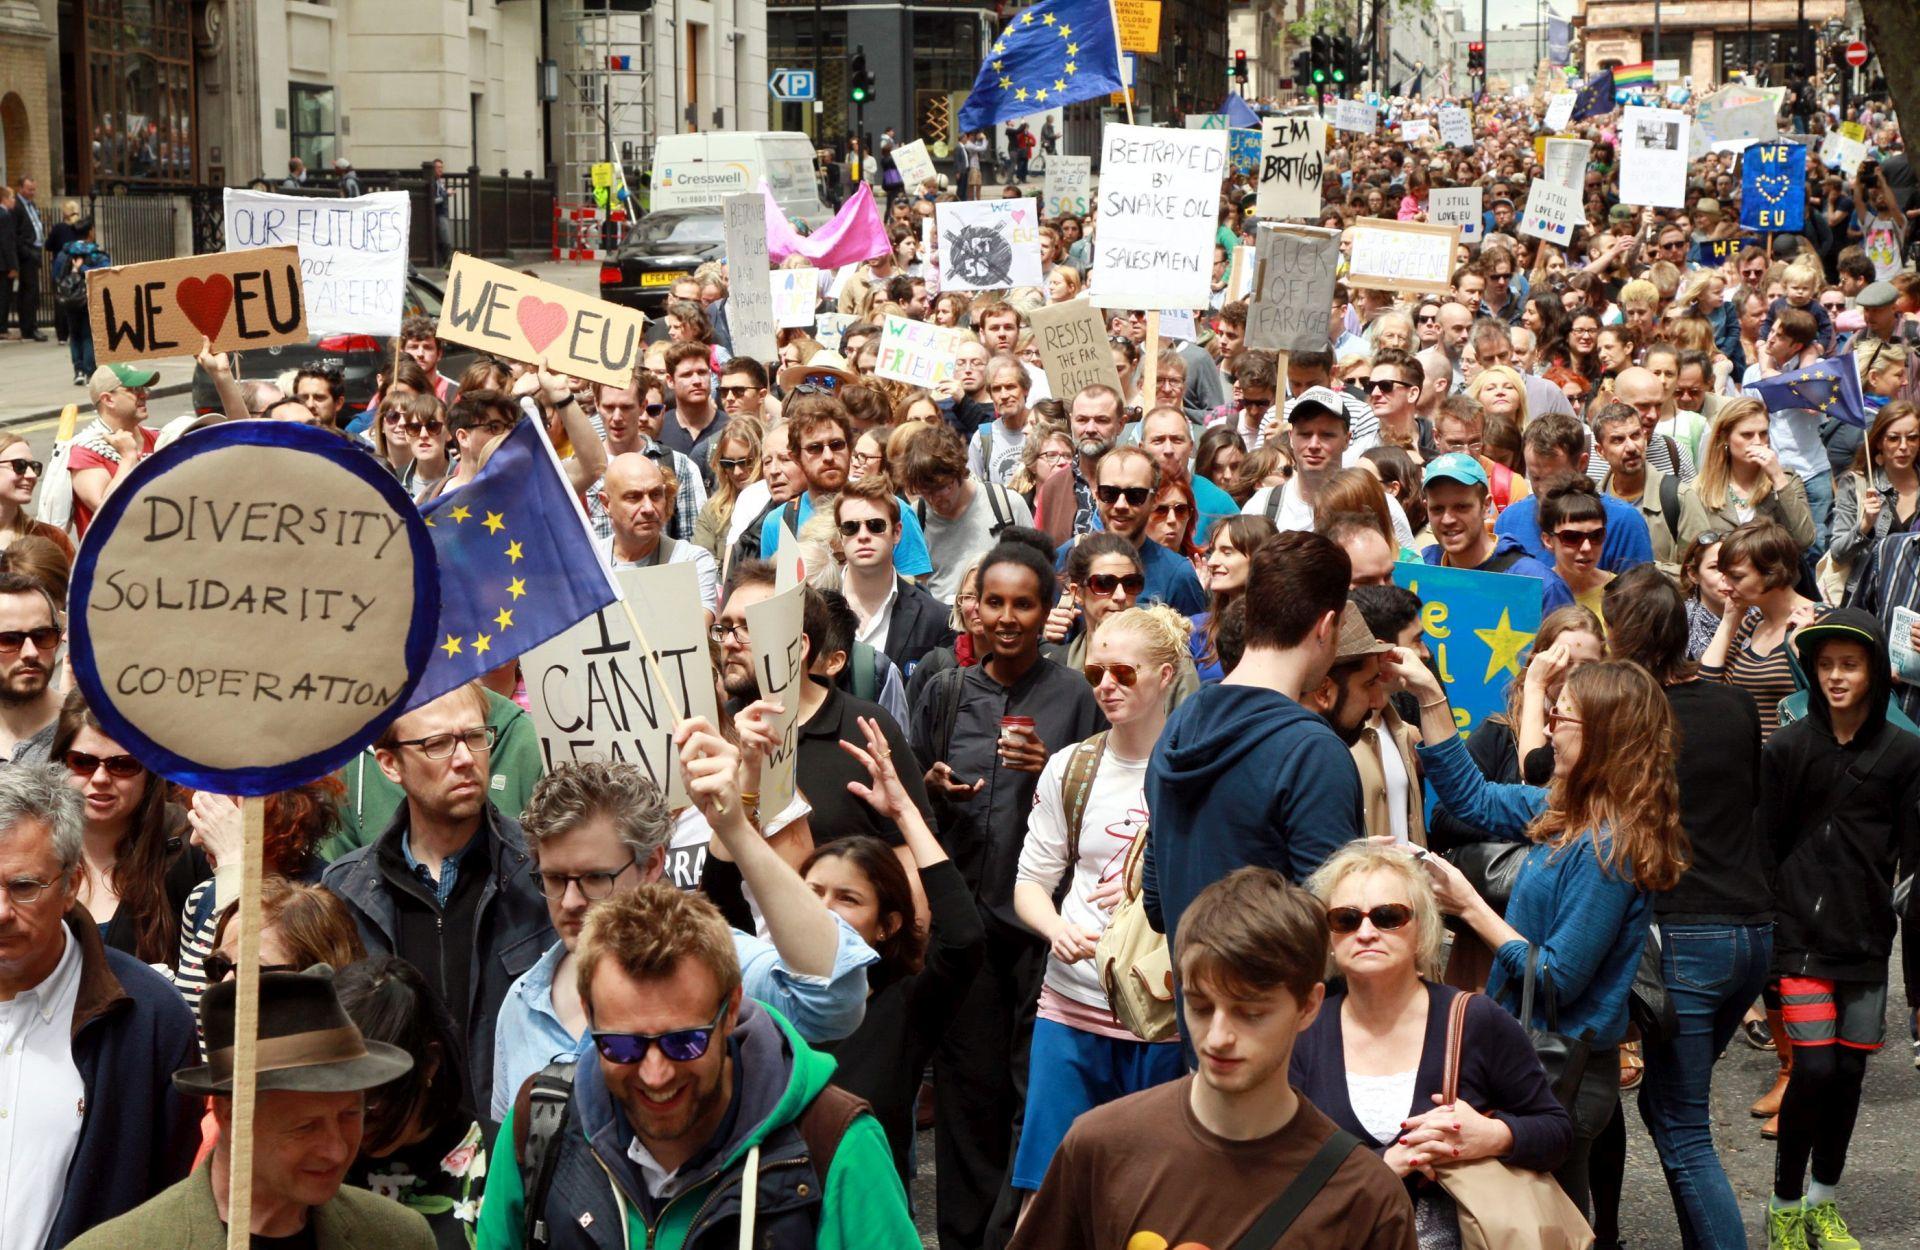 ISTRAŽIVANJE: Većina Britanaca protiv drugog referenduma o izlasku iz EU